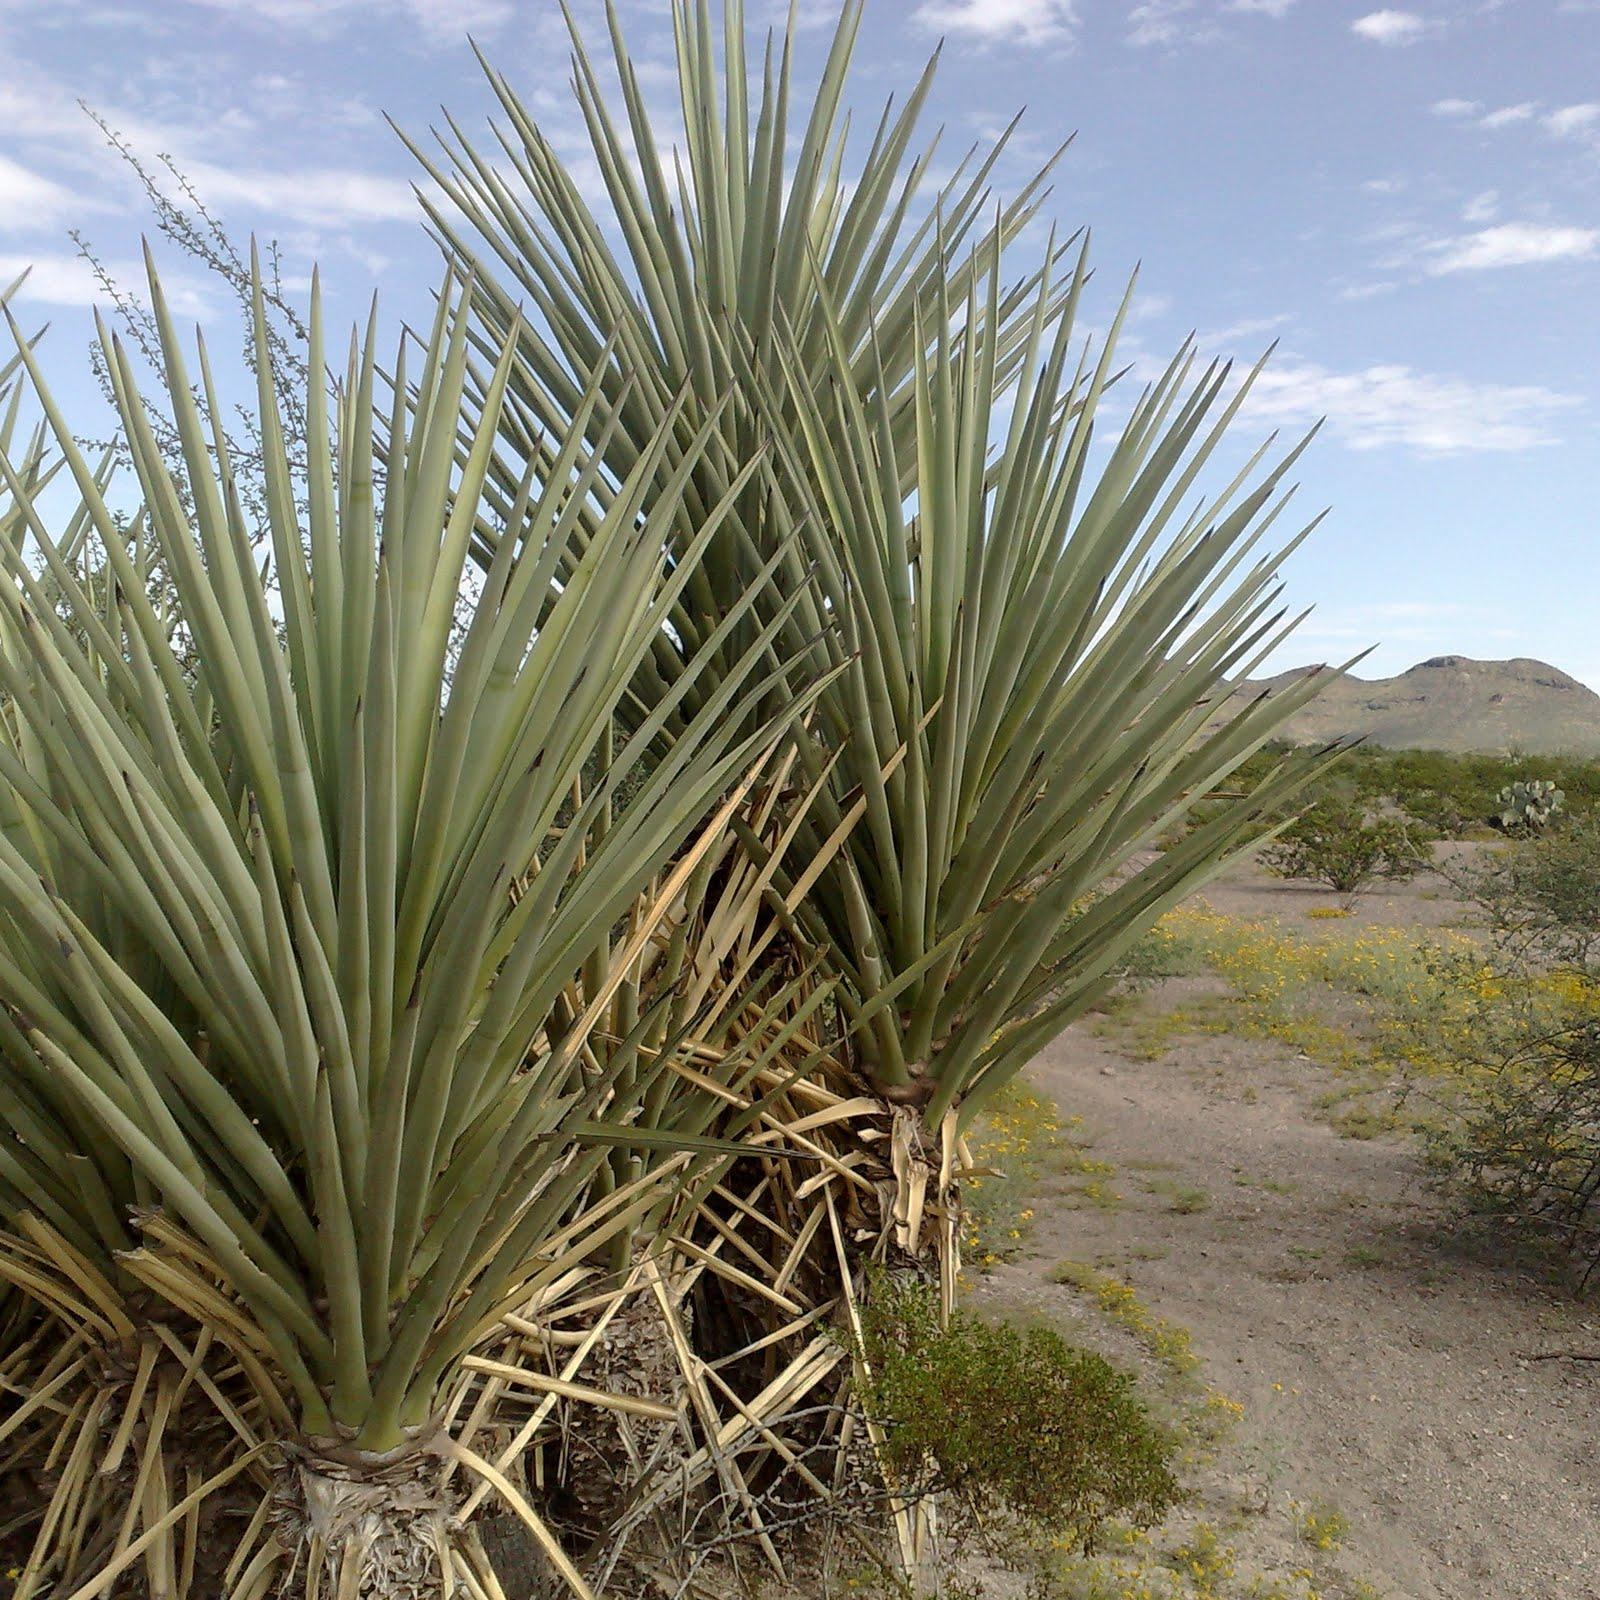 Malinalli herbolaria m dica plantas comestibles y - Plantas que aguantan temperaturas extremas ...